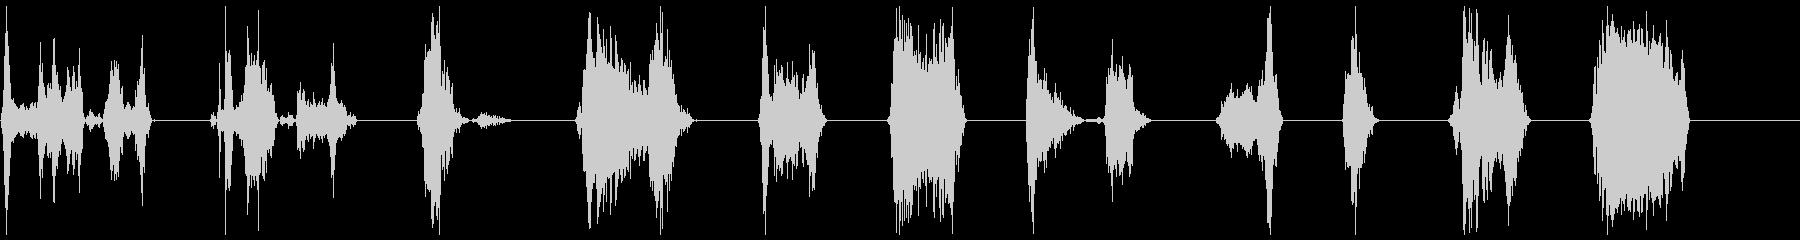 ゾンビのうなり声攻撃21-31の未再生の波形